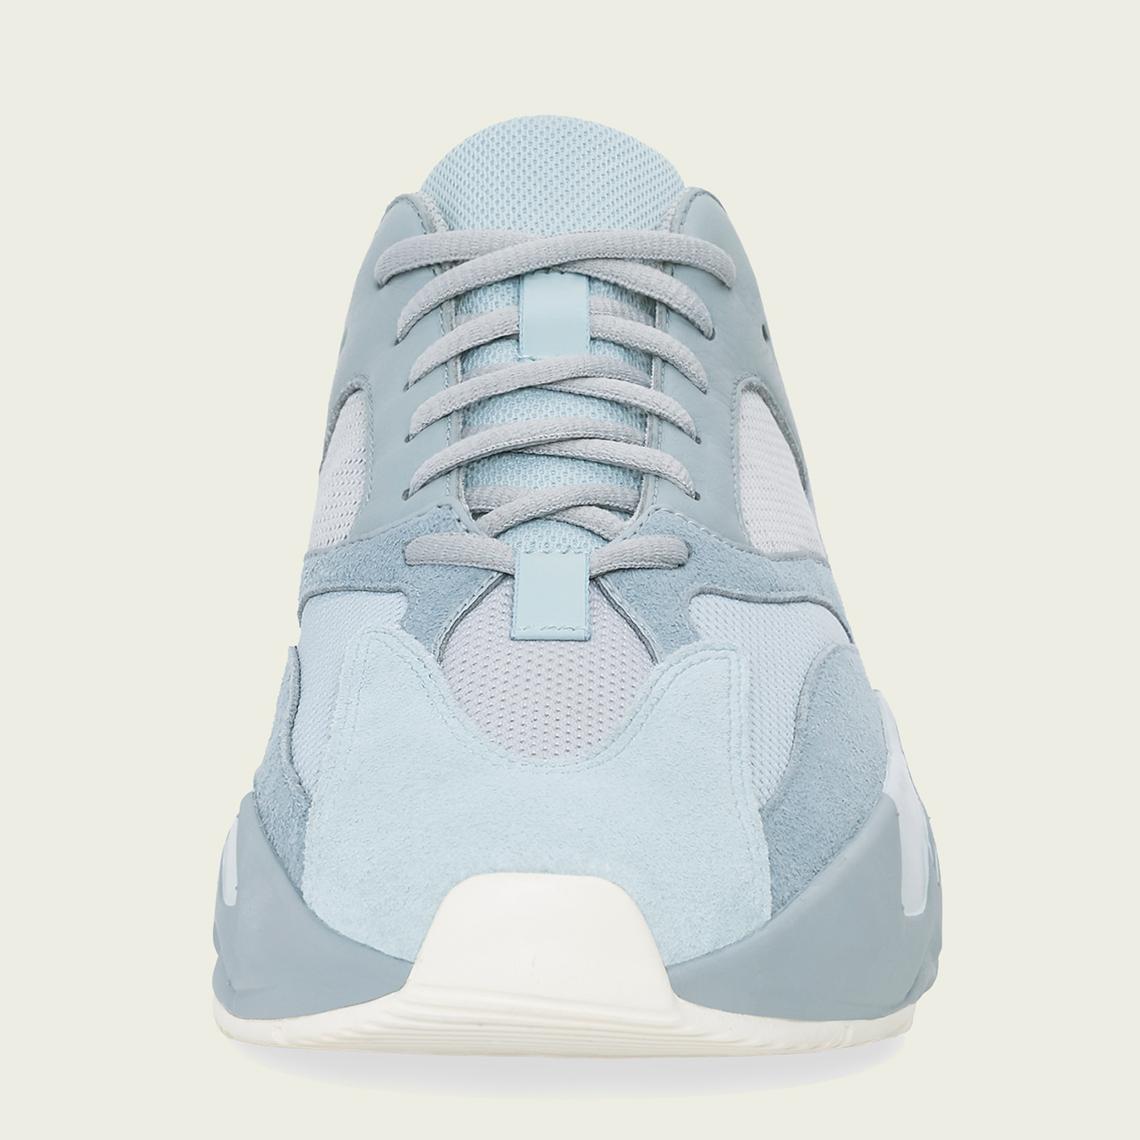 423ebe684dd3a adidas Yeezy 700